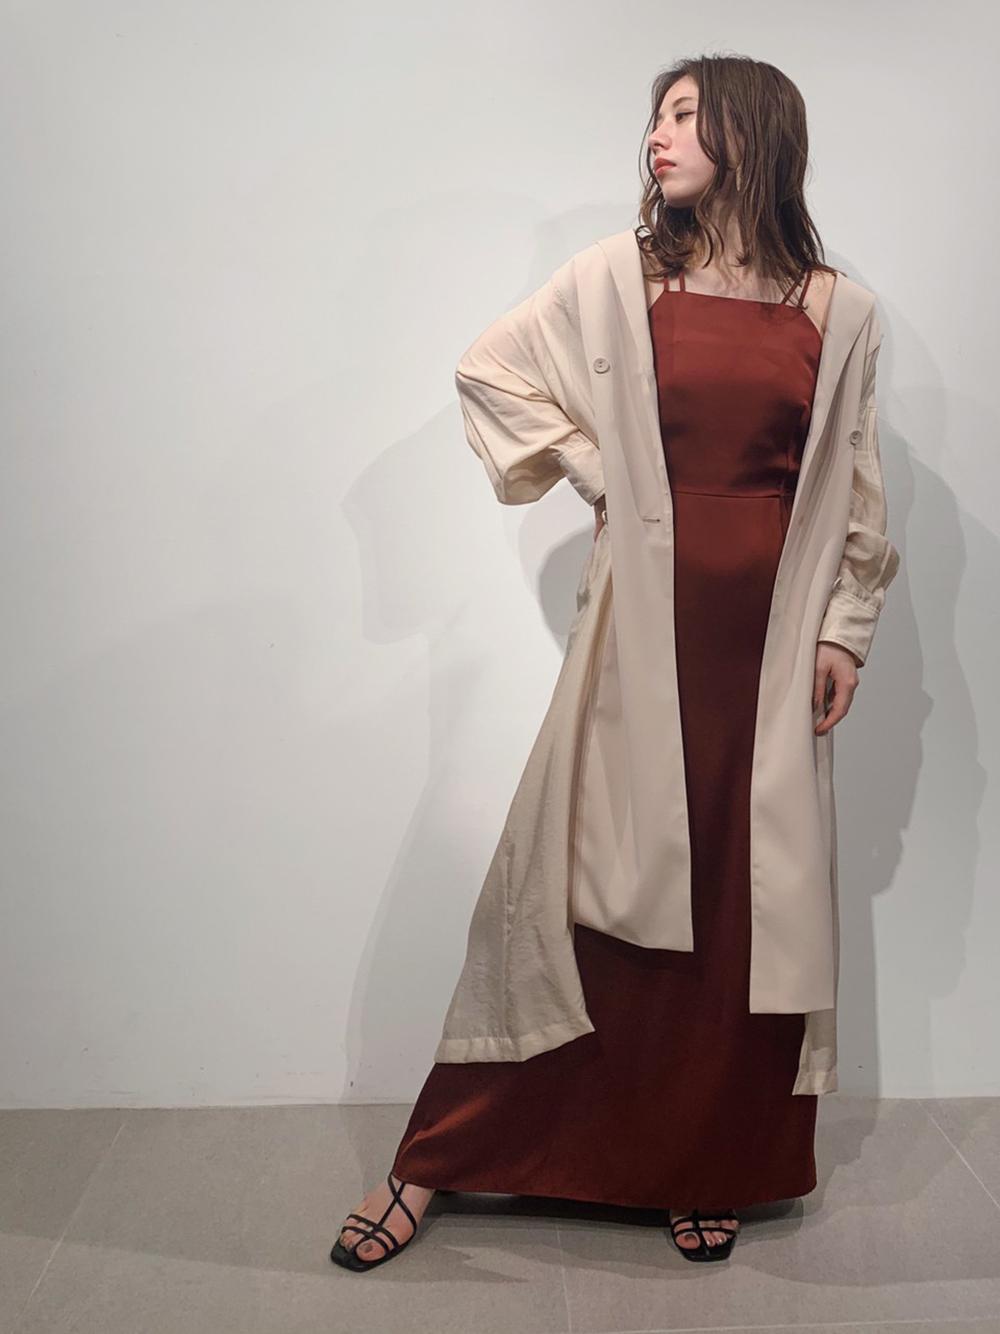 ホルターネックサテンドレス